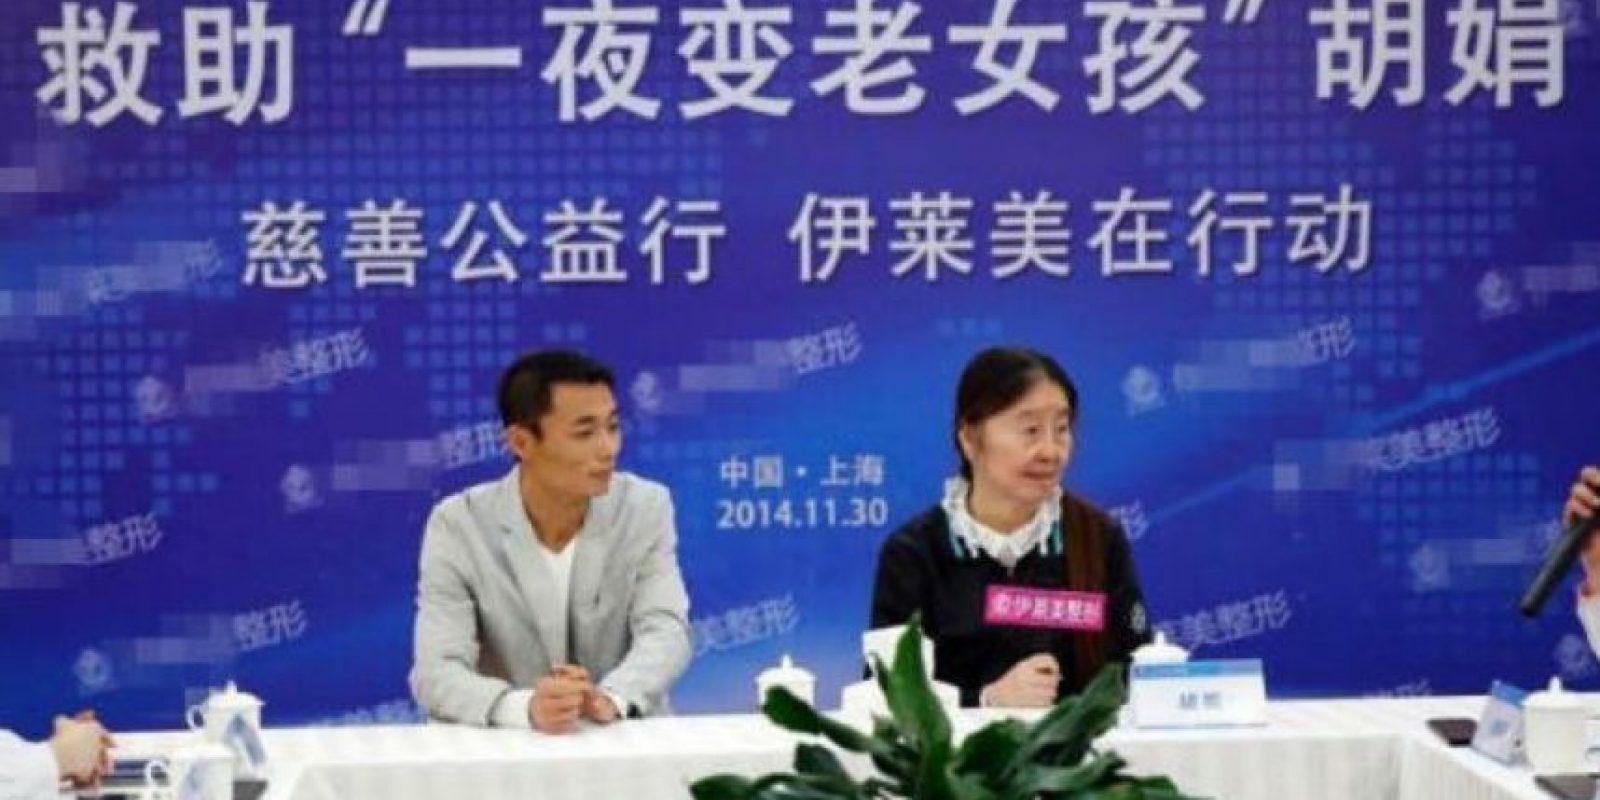 Ella ahora quiere hacerse cirugía plástica, ya que ha sufrido de depresión por su apariencia Foto:Xinhua